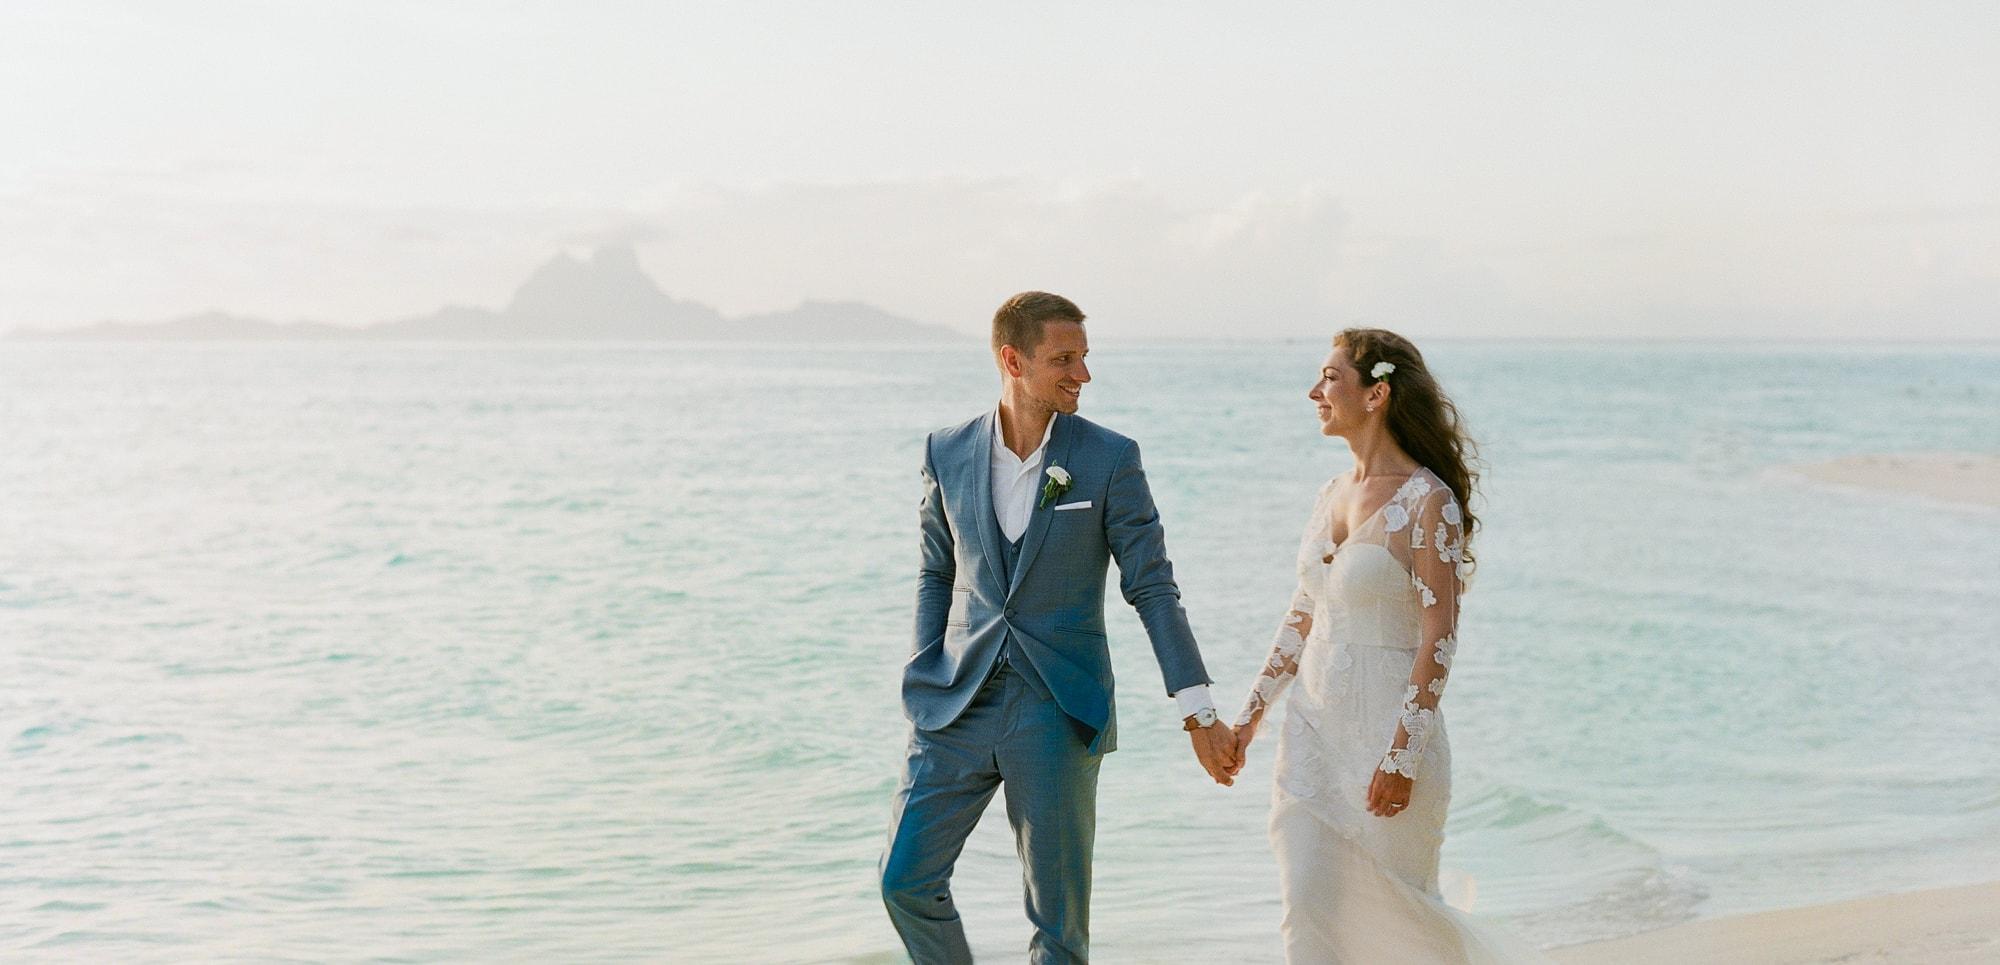 https://tahititourisme.es/wp-content/uploads/2021/04/PCP-Bora-Bora-Photography-Couple-Wedding-sunset.jpg